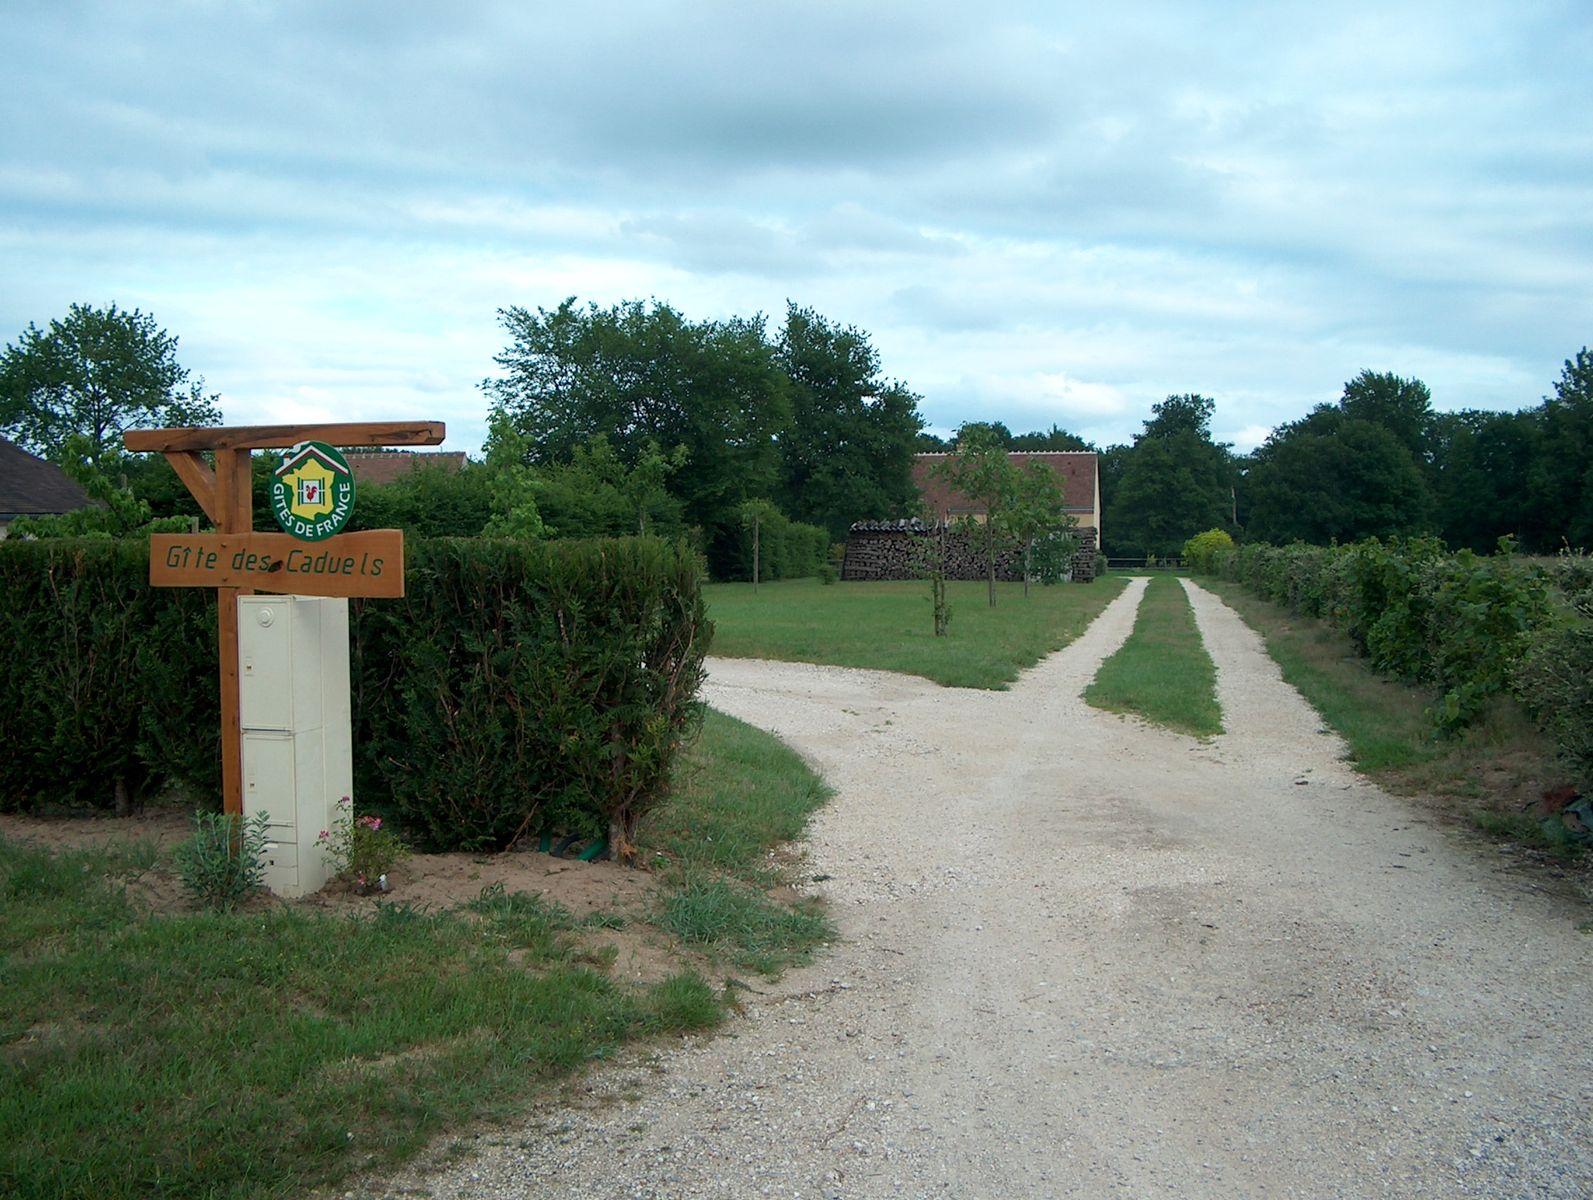 Chemin menant au Gîte depuis la route des Caduels